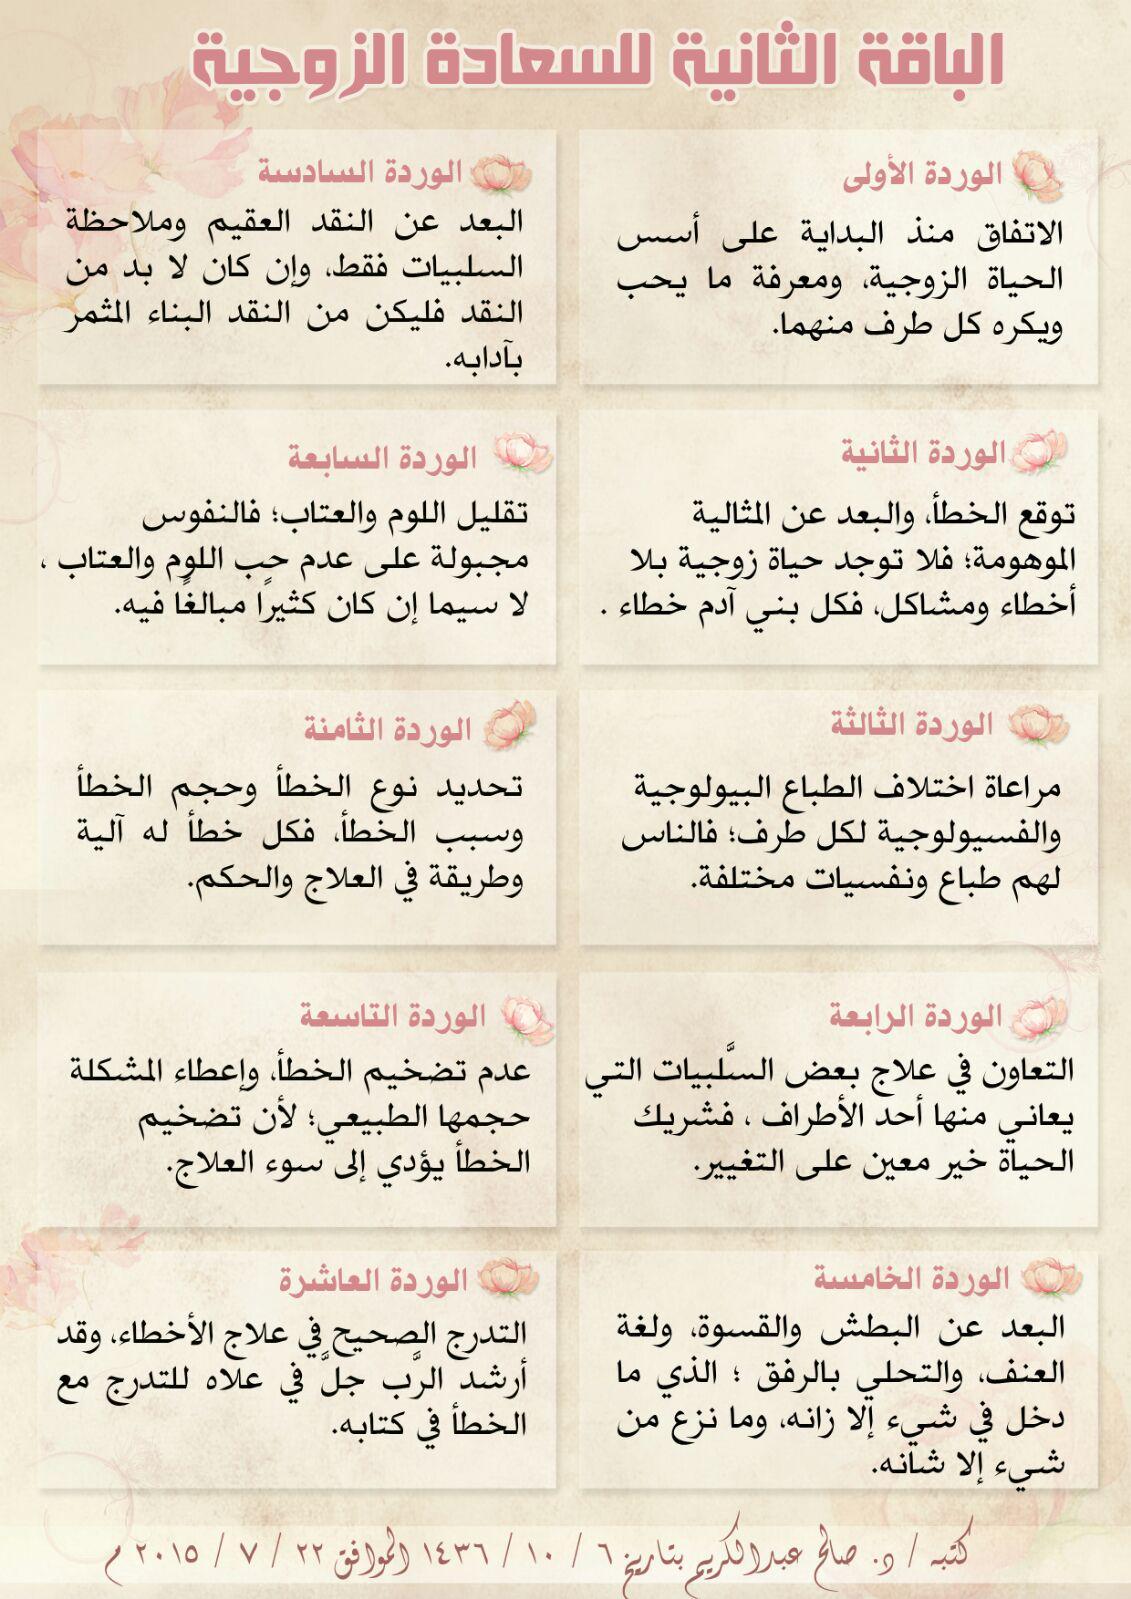 07451e4760da9 صالح عبدالكريم on Twitter